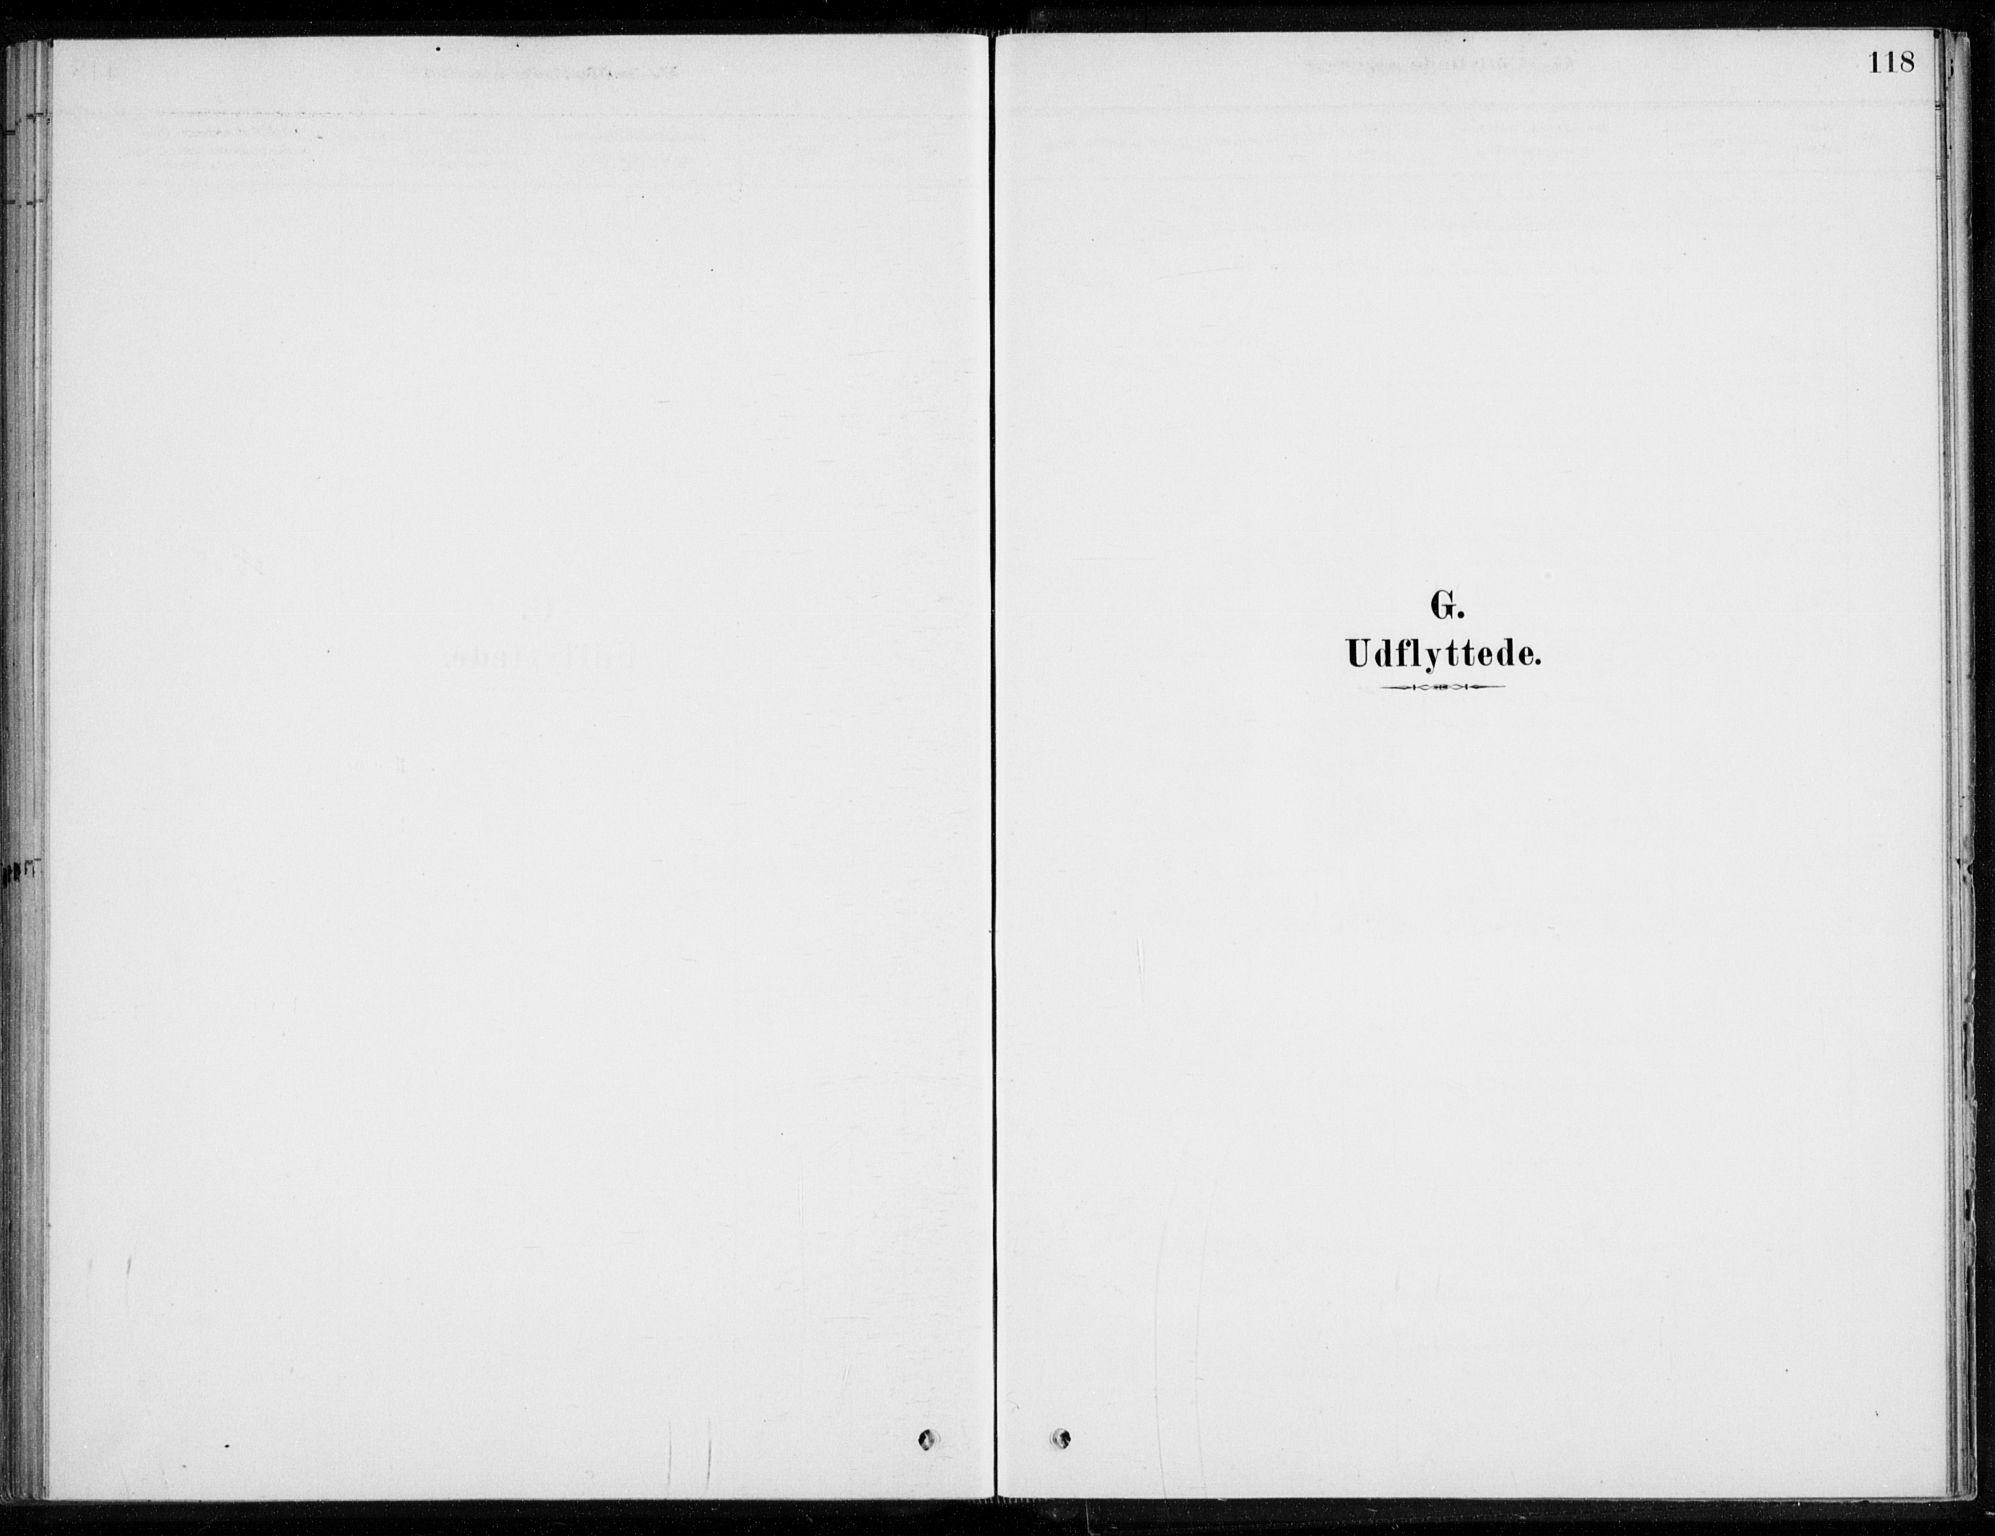 SAKO, Åssiden kirkebøker, F/Fa/L0001: Ministerialbok nr. 1, 1878-1904, s. 118